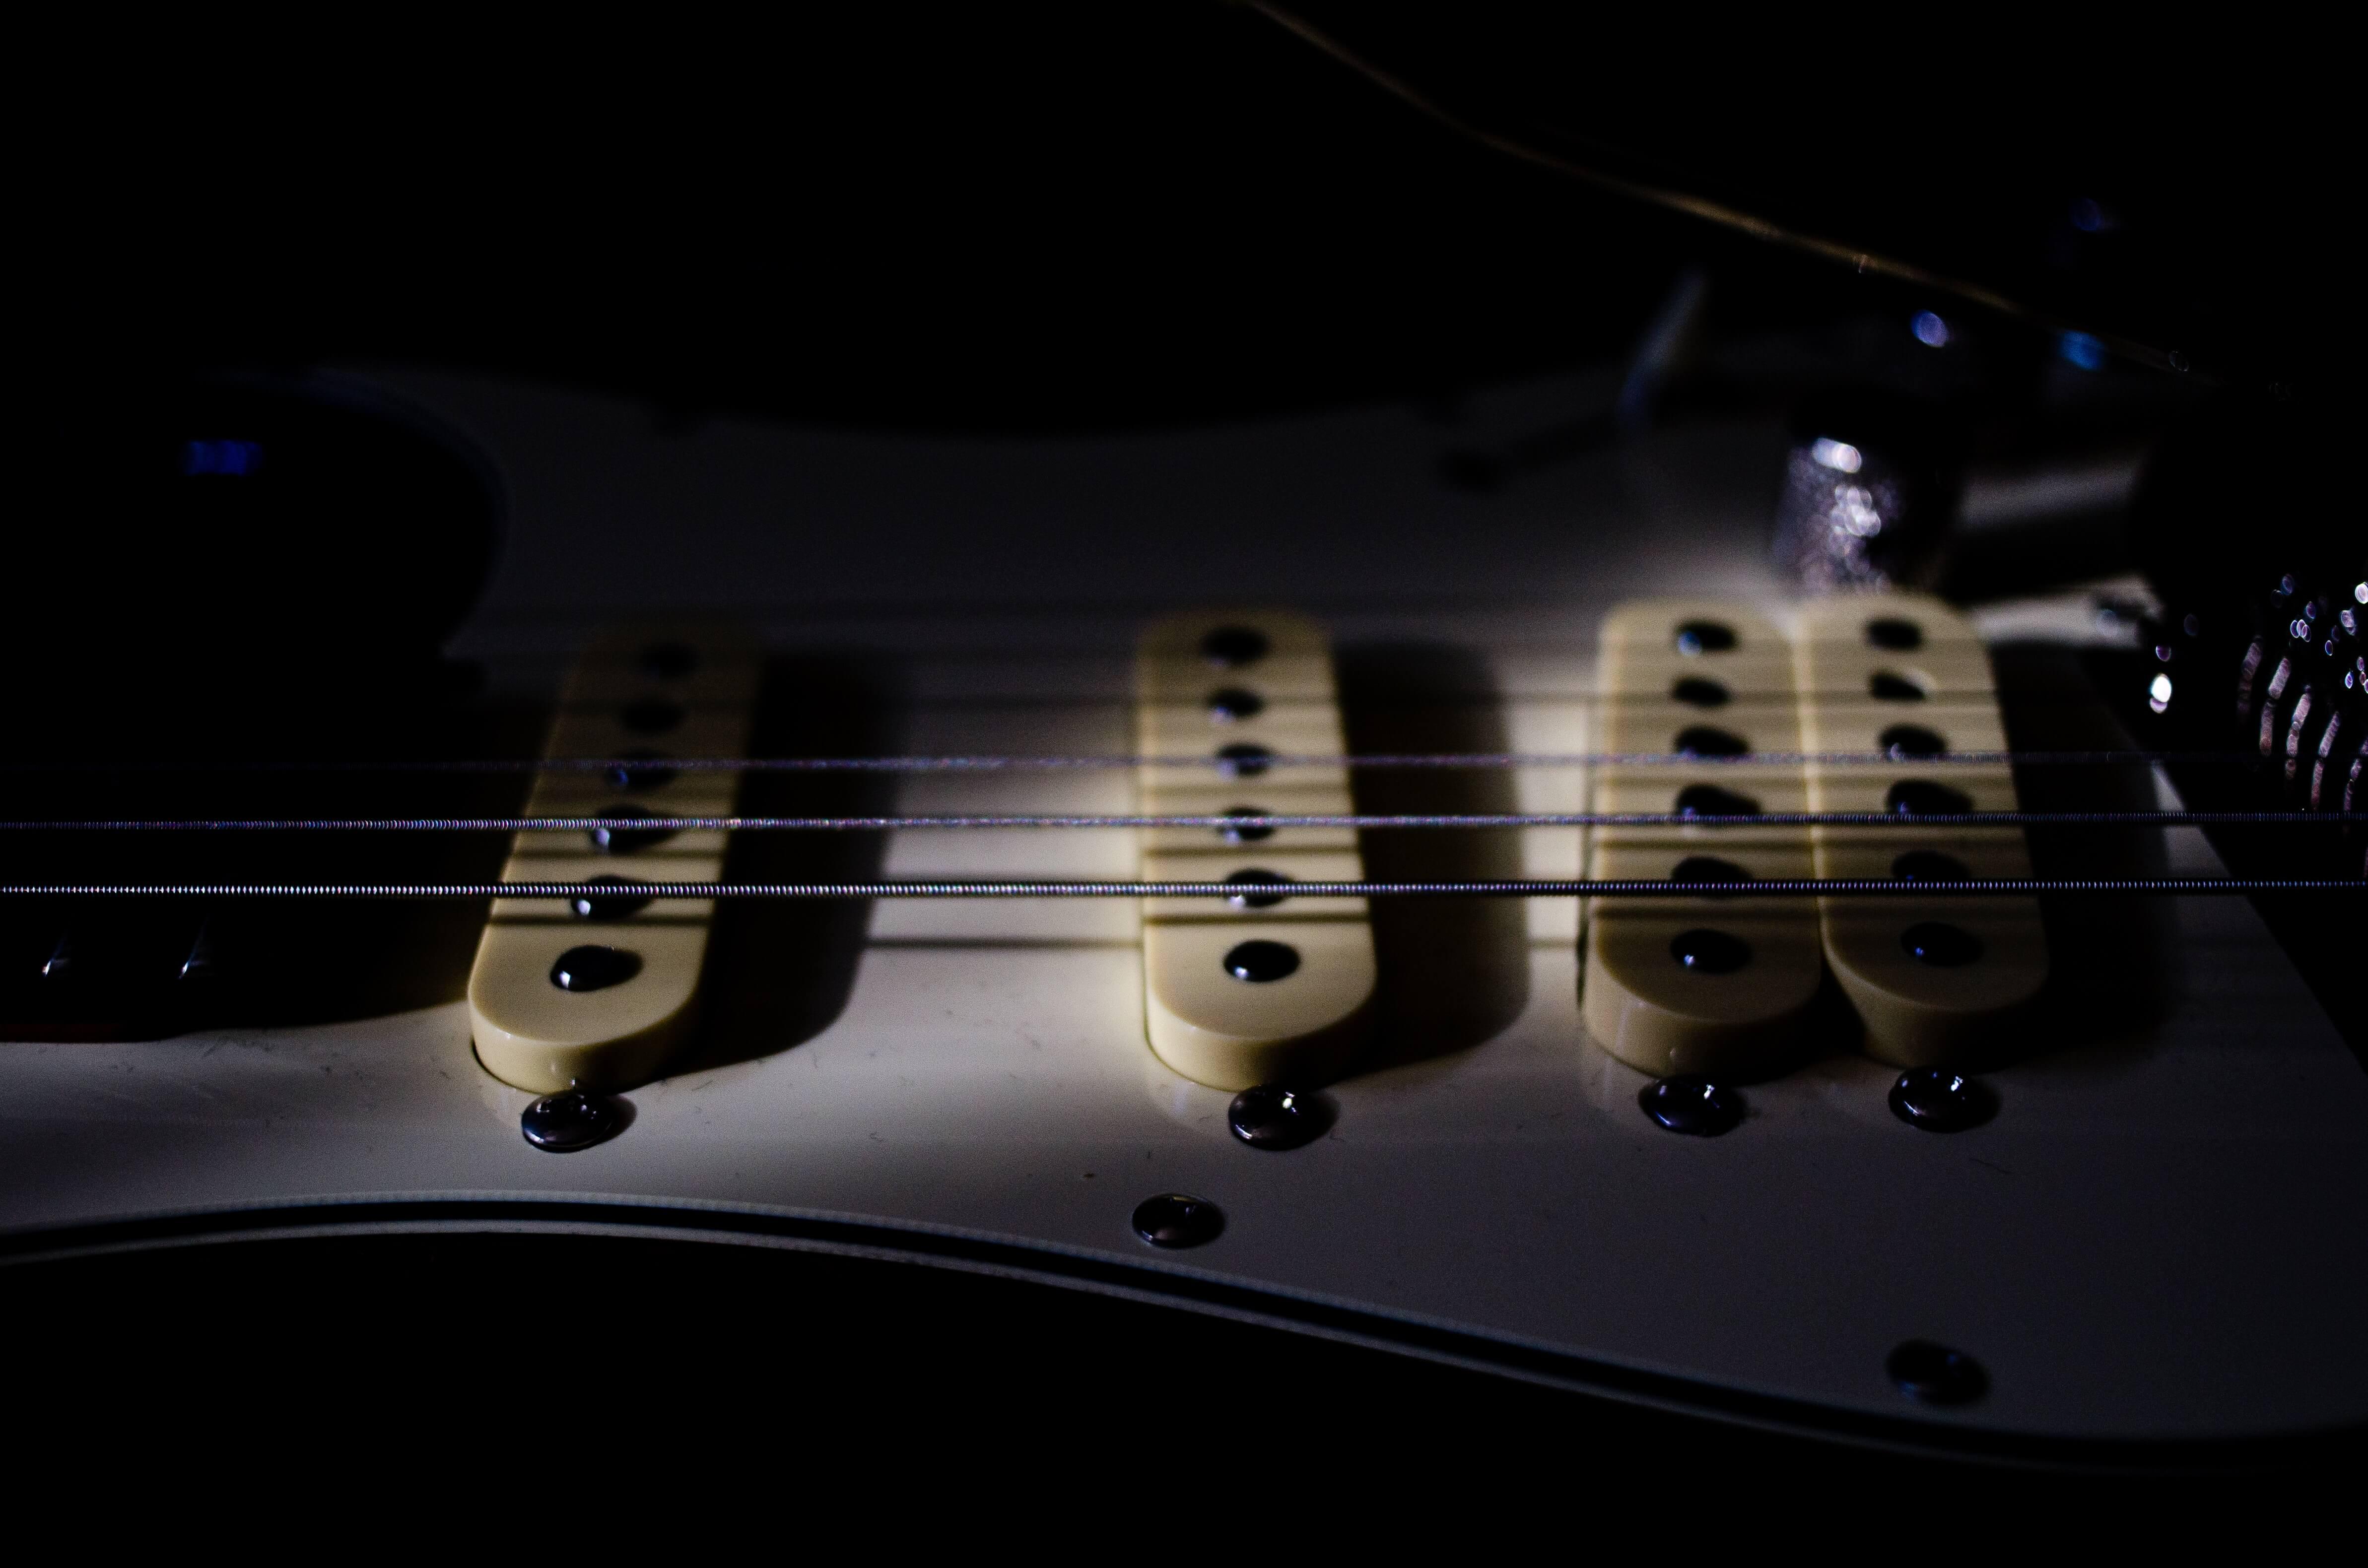 エレキギターのピックアップの高さの調整